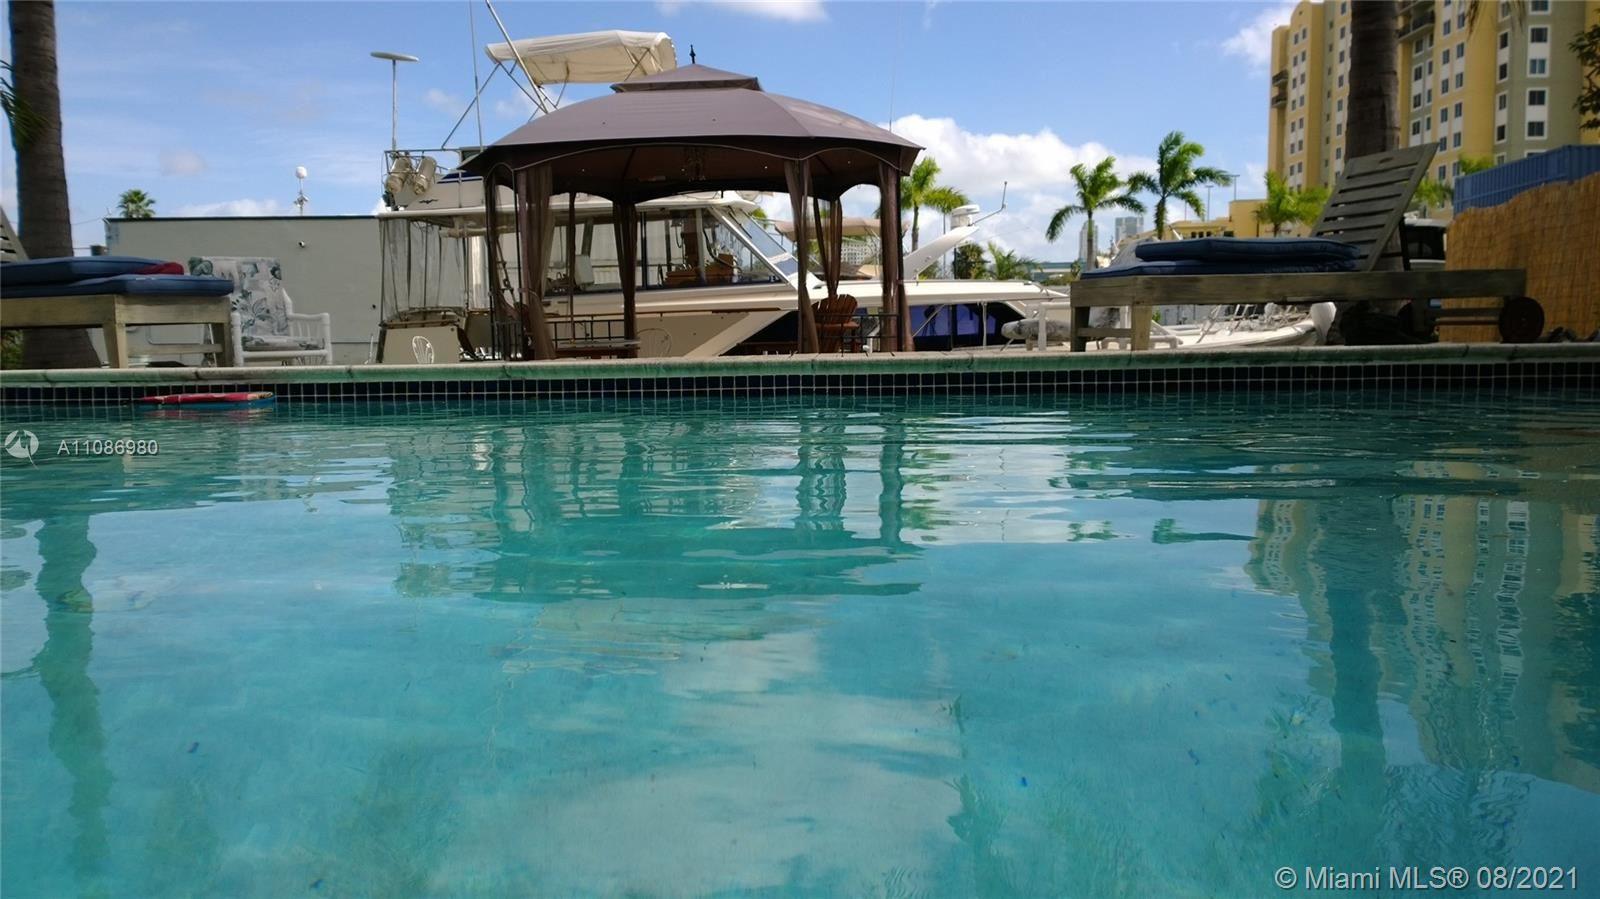 617 NW 7th Street Rd, Miami, FL 33136 - #: A11086980